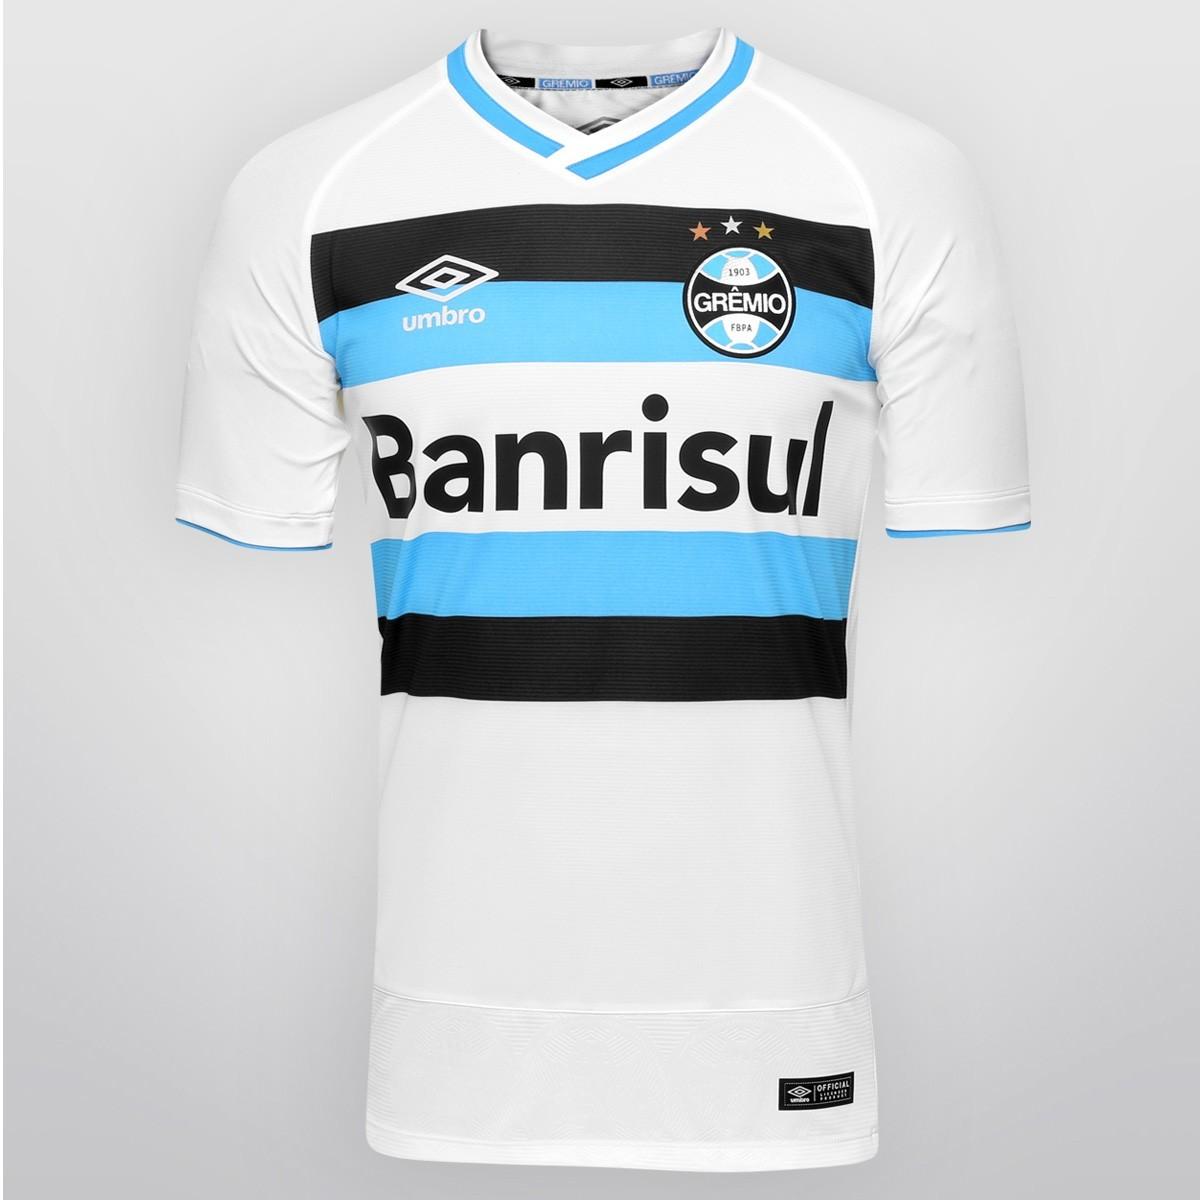 300de5cdbe Bizz Store - Camisa Oficial Grêmio Umbro 644562 of 1 2016 Nº 10